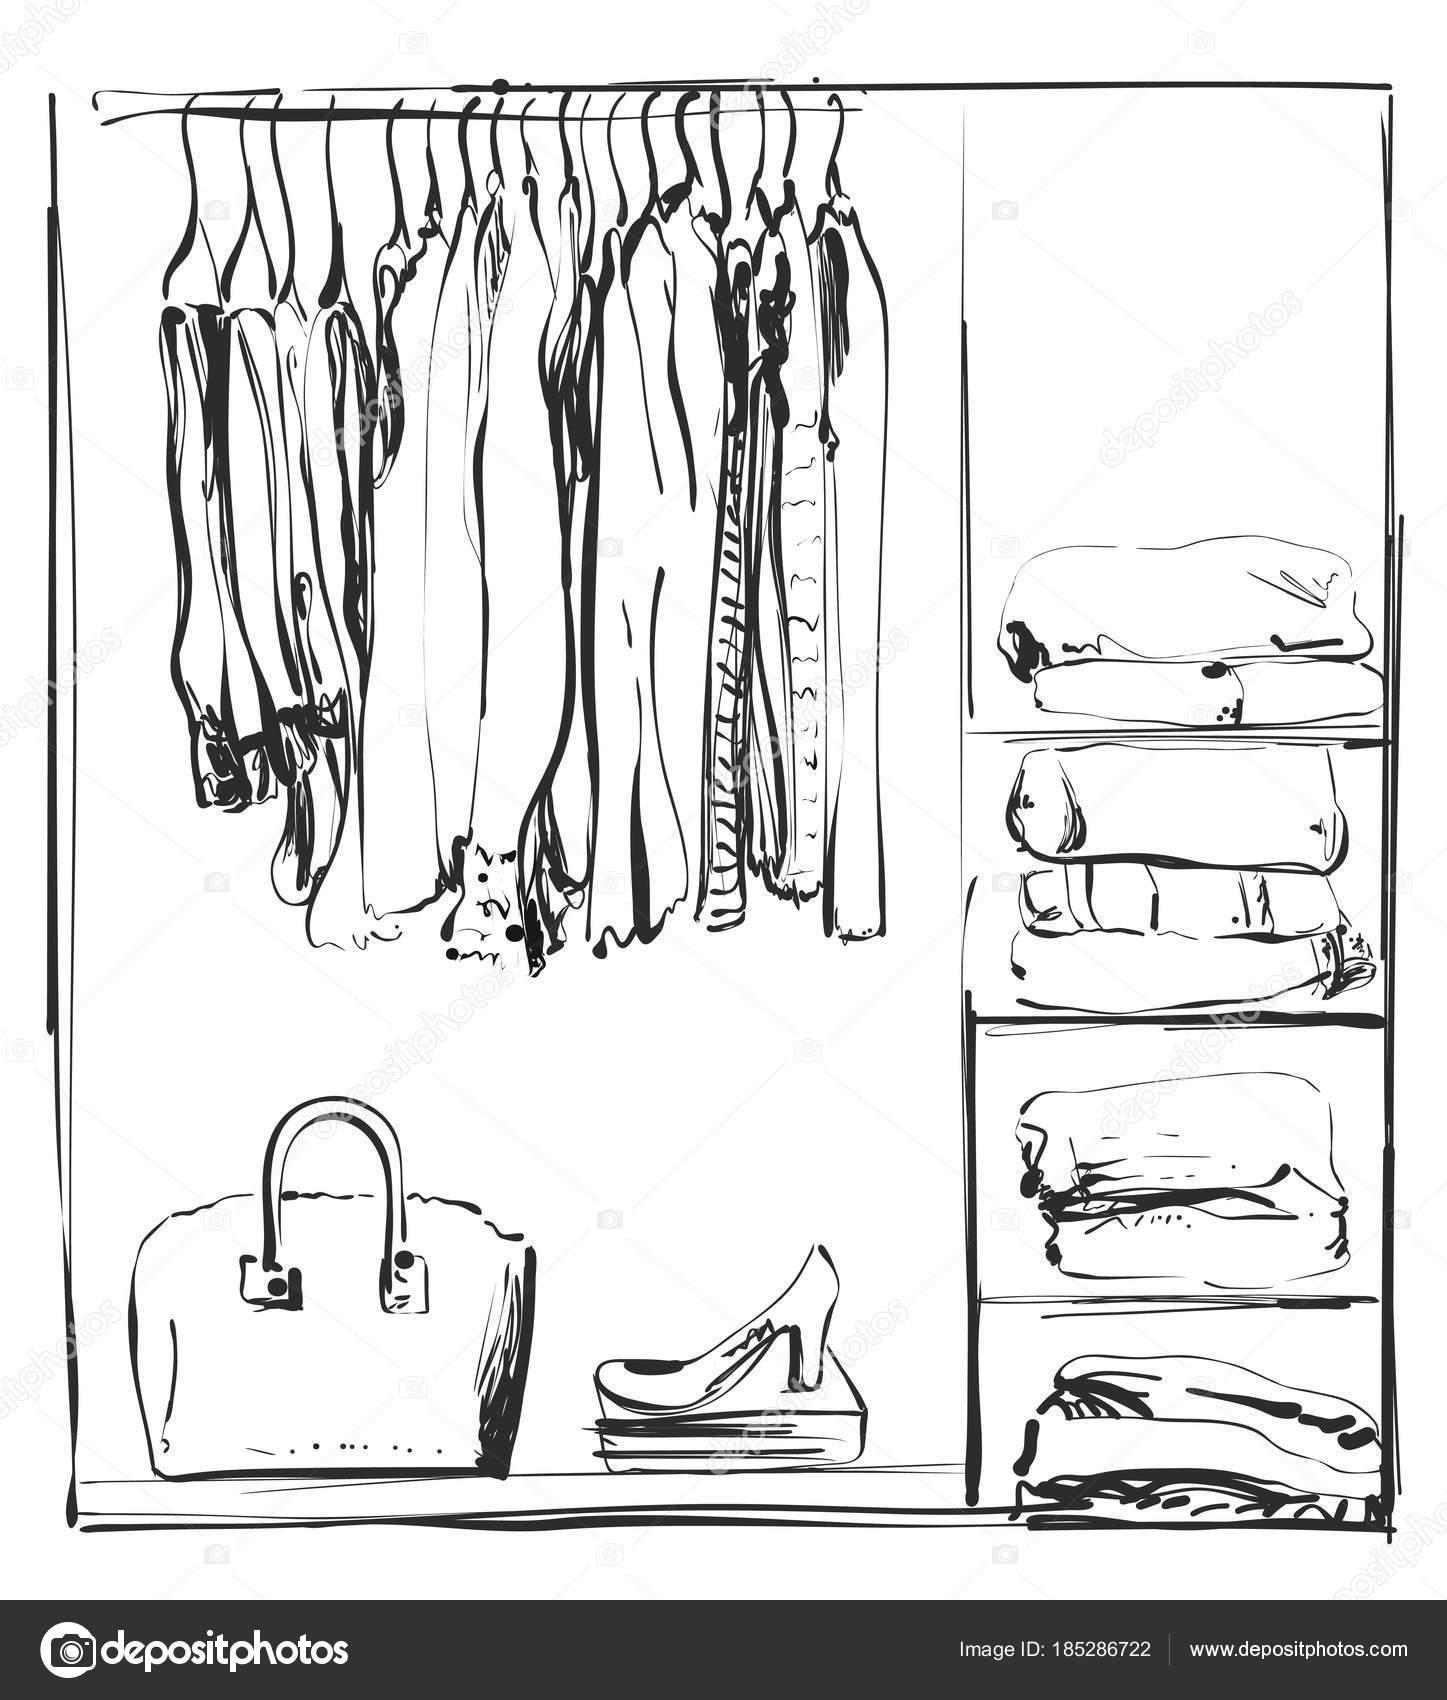 Kleiderschrank gezeichnet  Hand-gezogene Kleiderschrank-Skizze. Kleidung von der Kleiderbügel ...